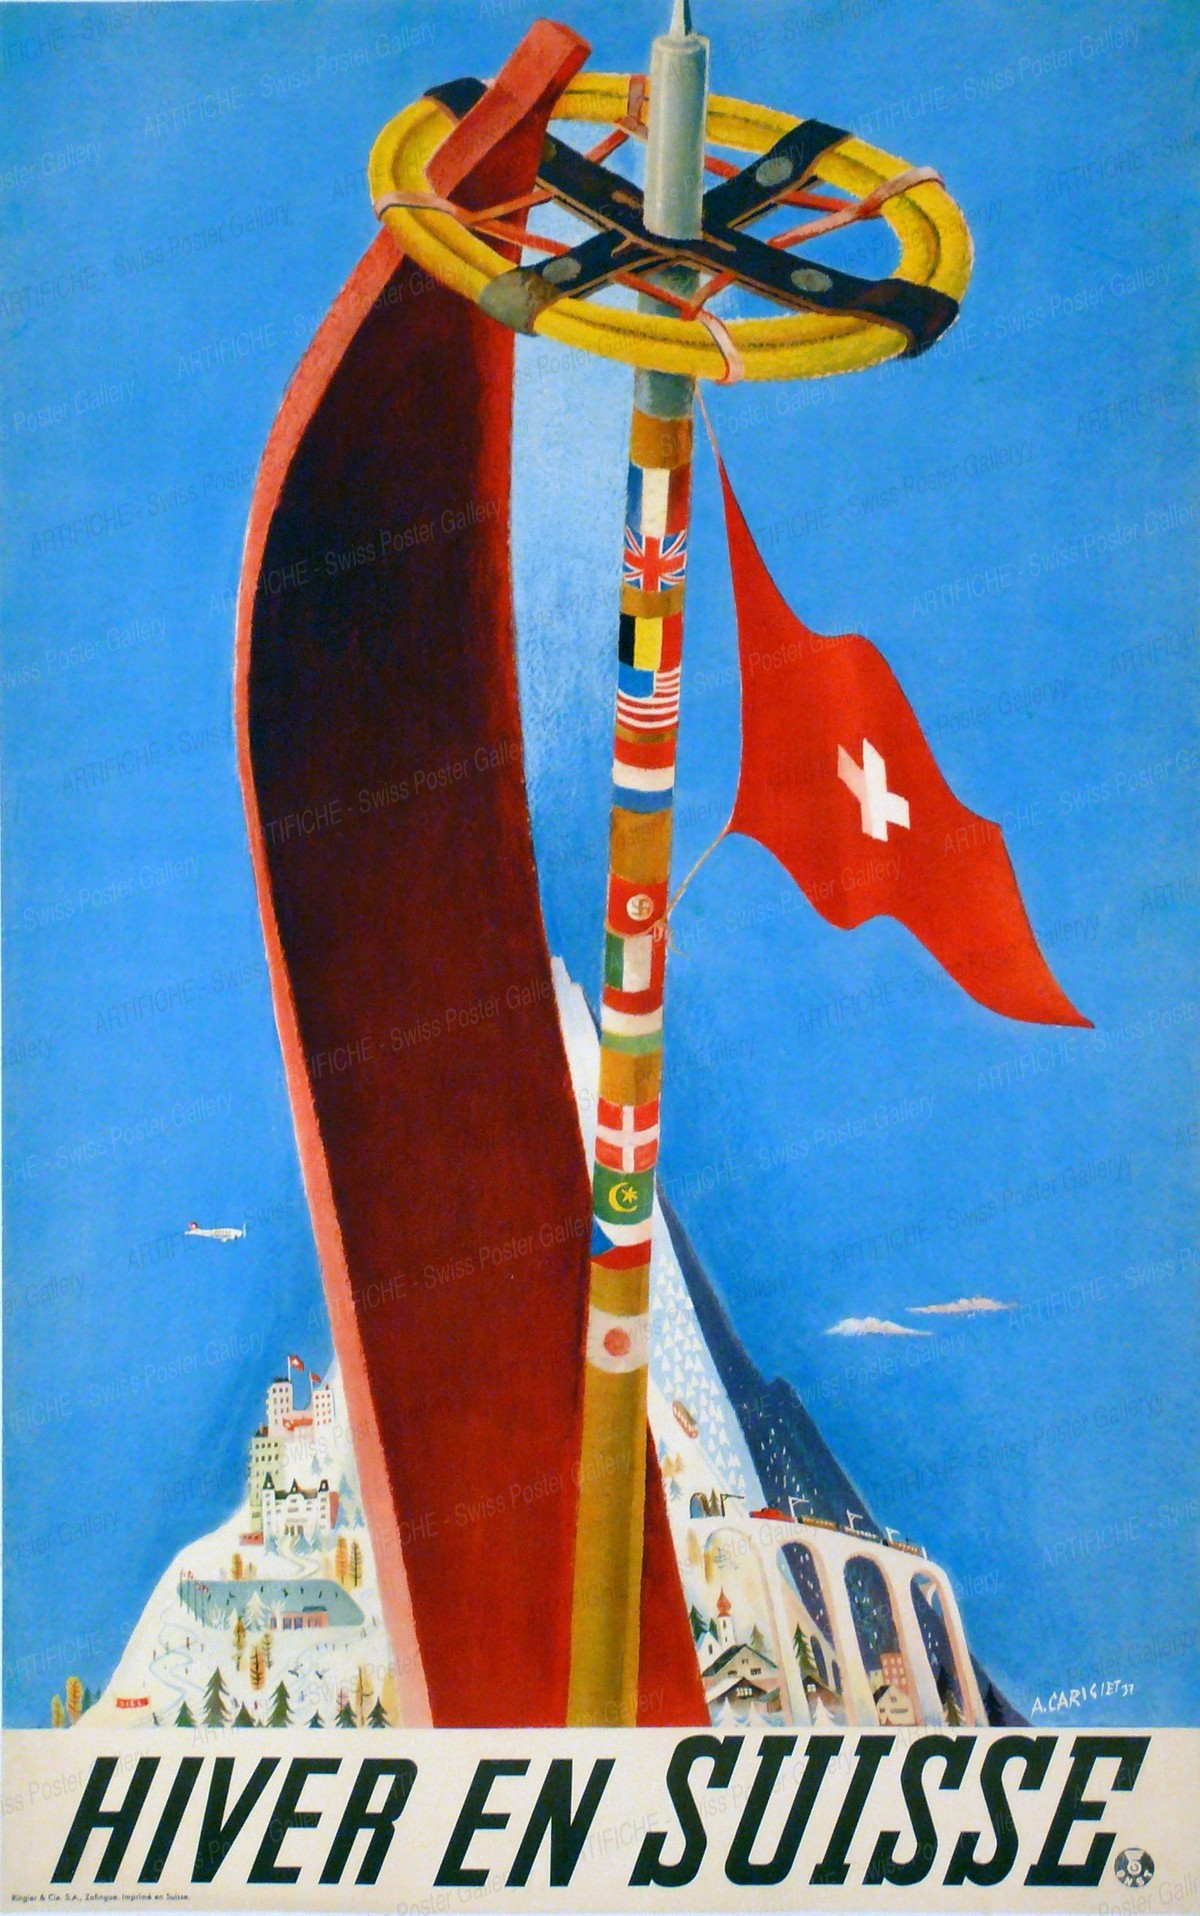 Hiver en Suisse, Alois Carigiet